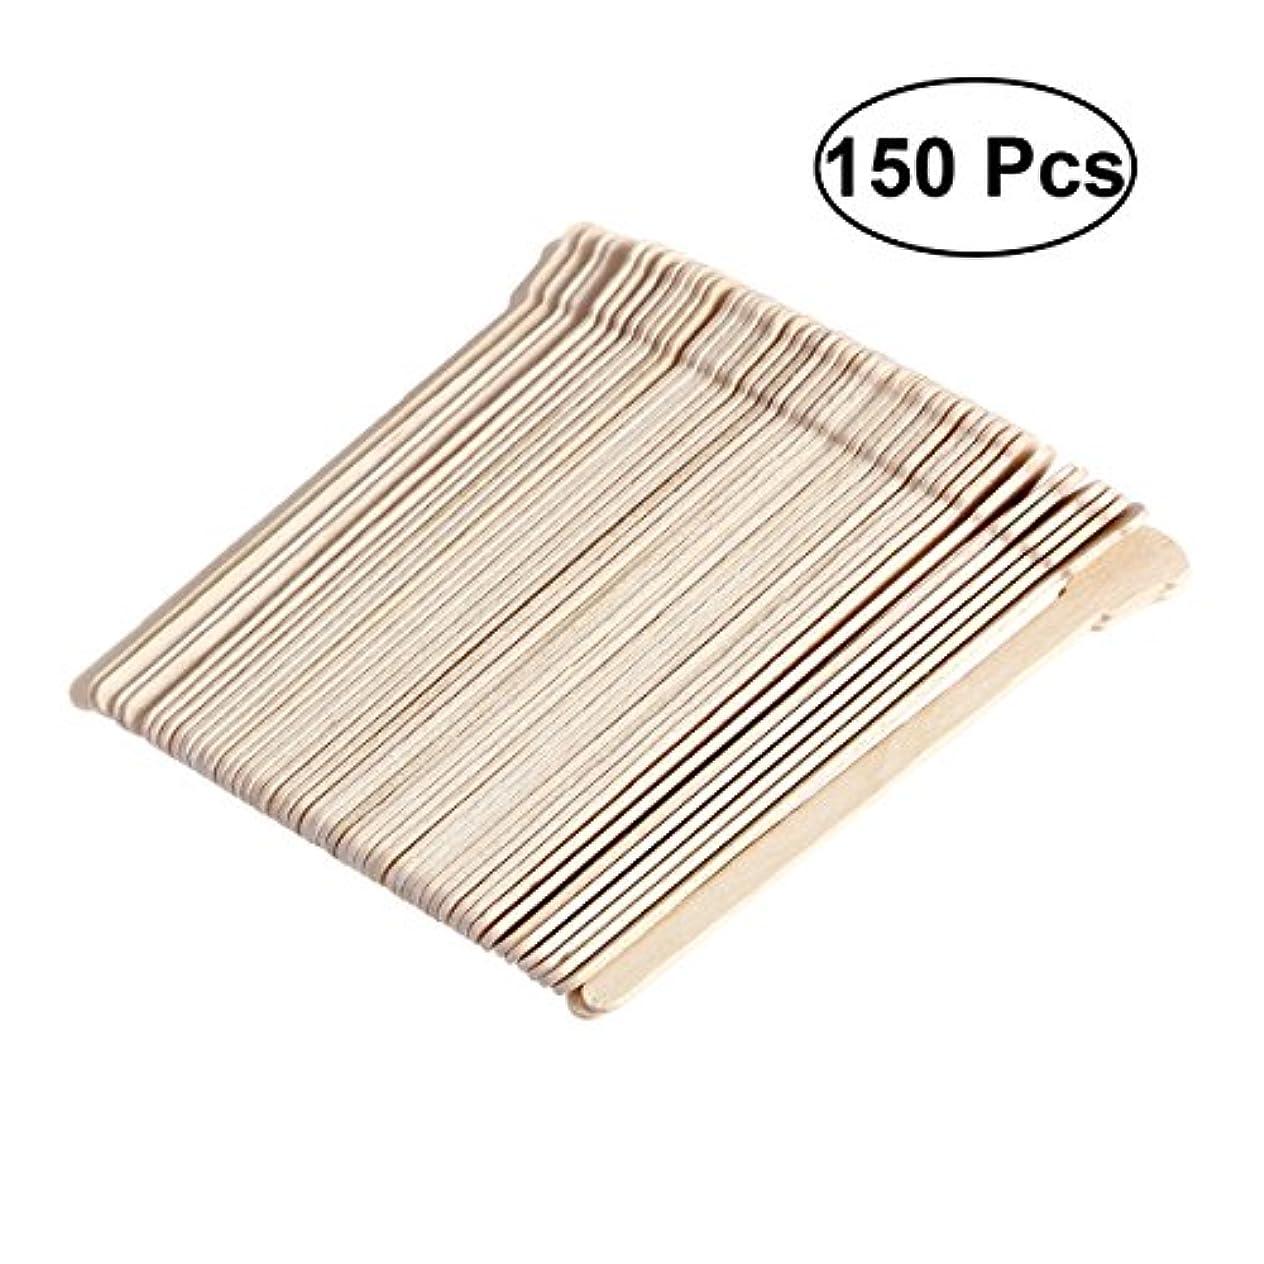 枕ドラッグ累計SUPVOX 150ピース木製ワックススティックフェイス眉毛ワックスへら脱毛(オリジナル木製色)